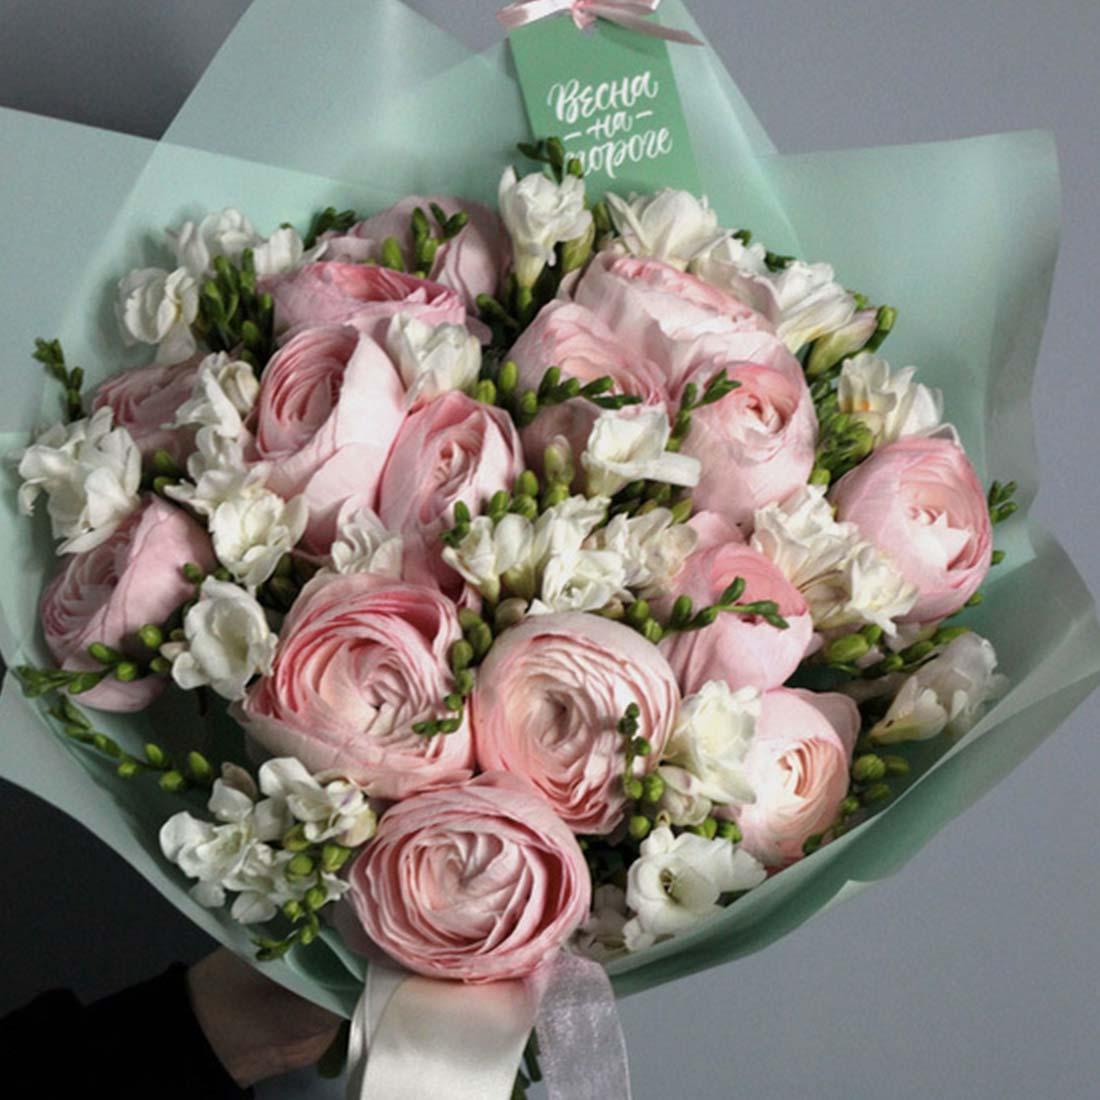 Fleuriste fleurs locale